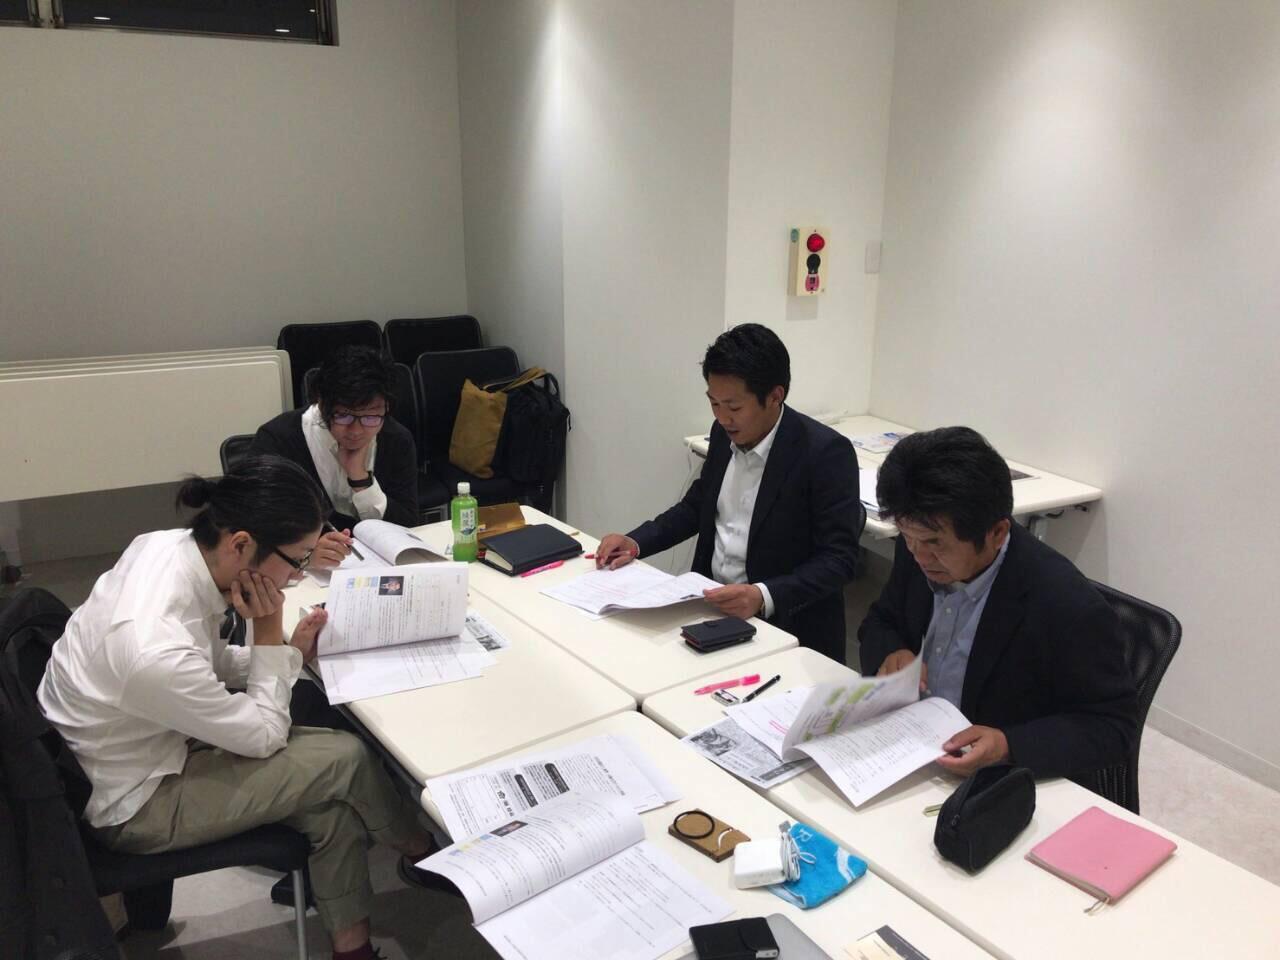 2016/11/01 古民家再生協会熊本例会